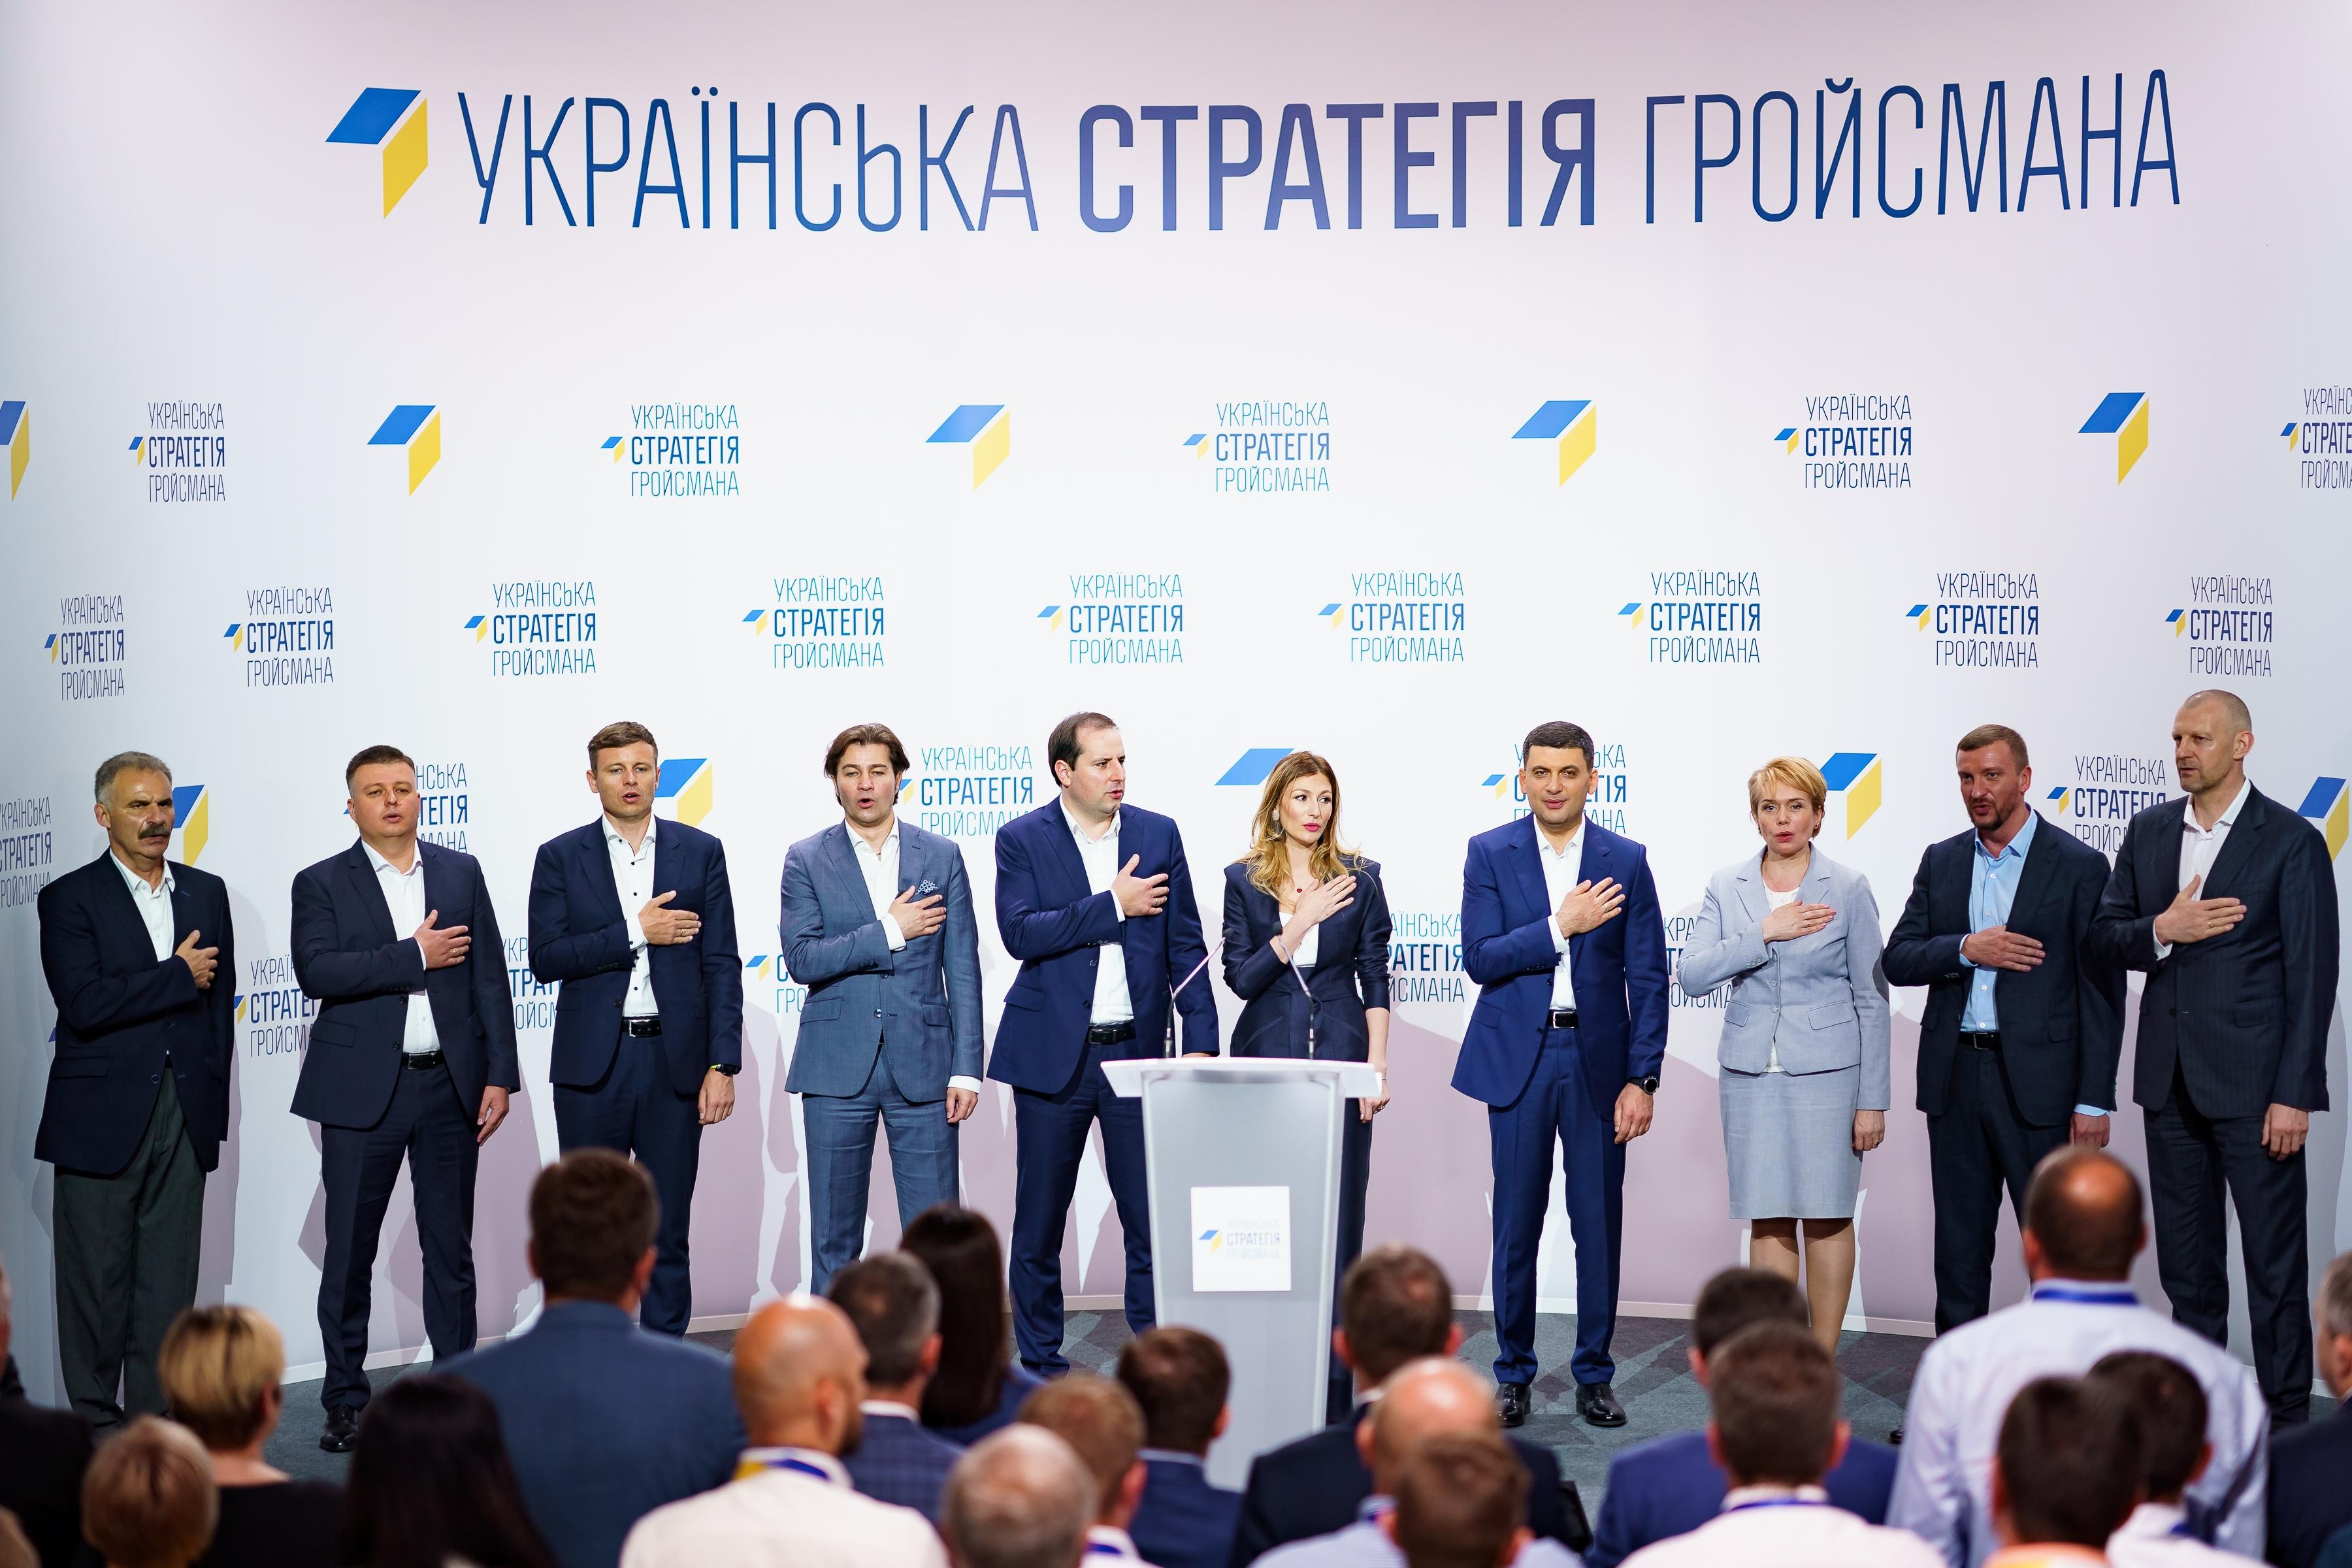 Владимир Гройсман: «Люди хотят от политиков результата. Мы реально способны менять страну к лучшему!»